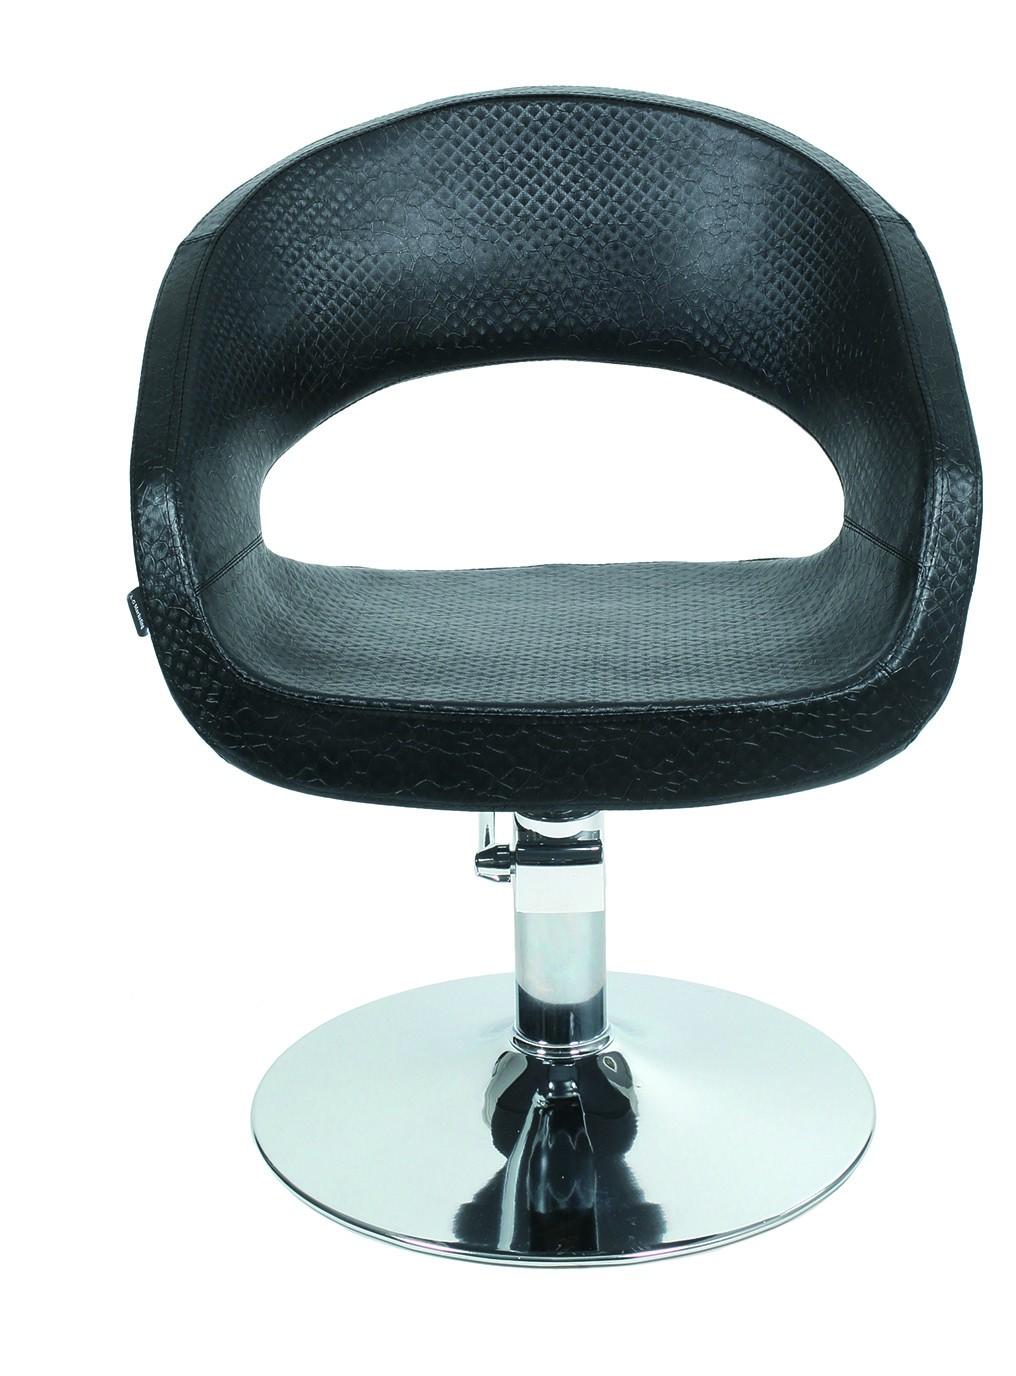 """כיסא לקוח הידראולי דגם  8836.   בוכנה גבוהה. אחריות שנתיים על הבוכנה. מחיר לא כולל מע""""מ ולא כולל הובלה."""